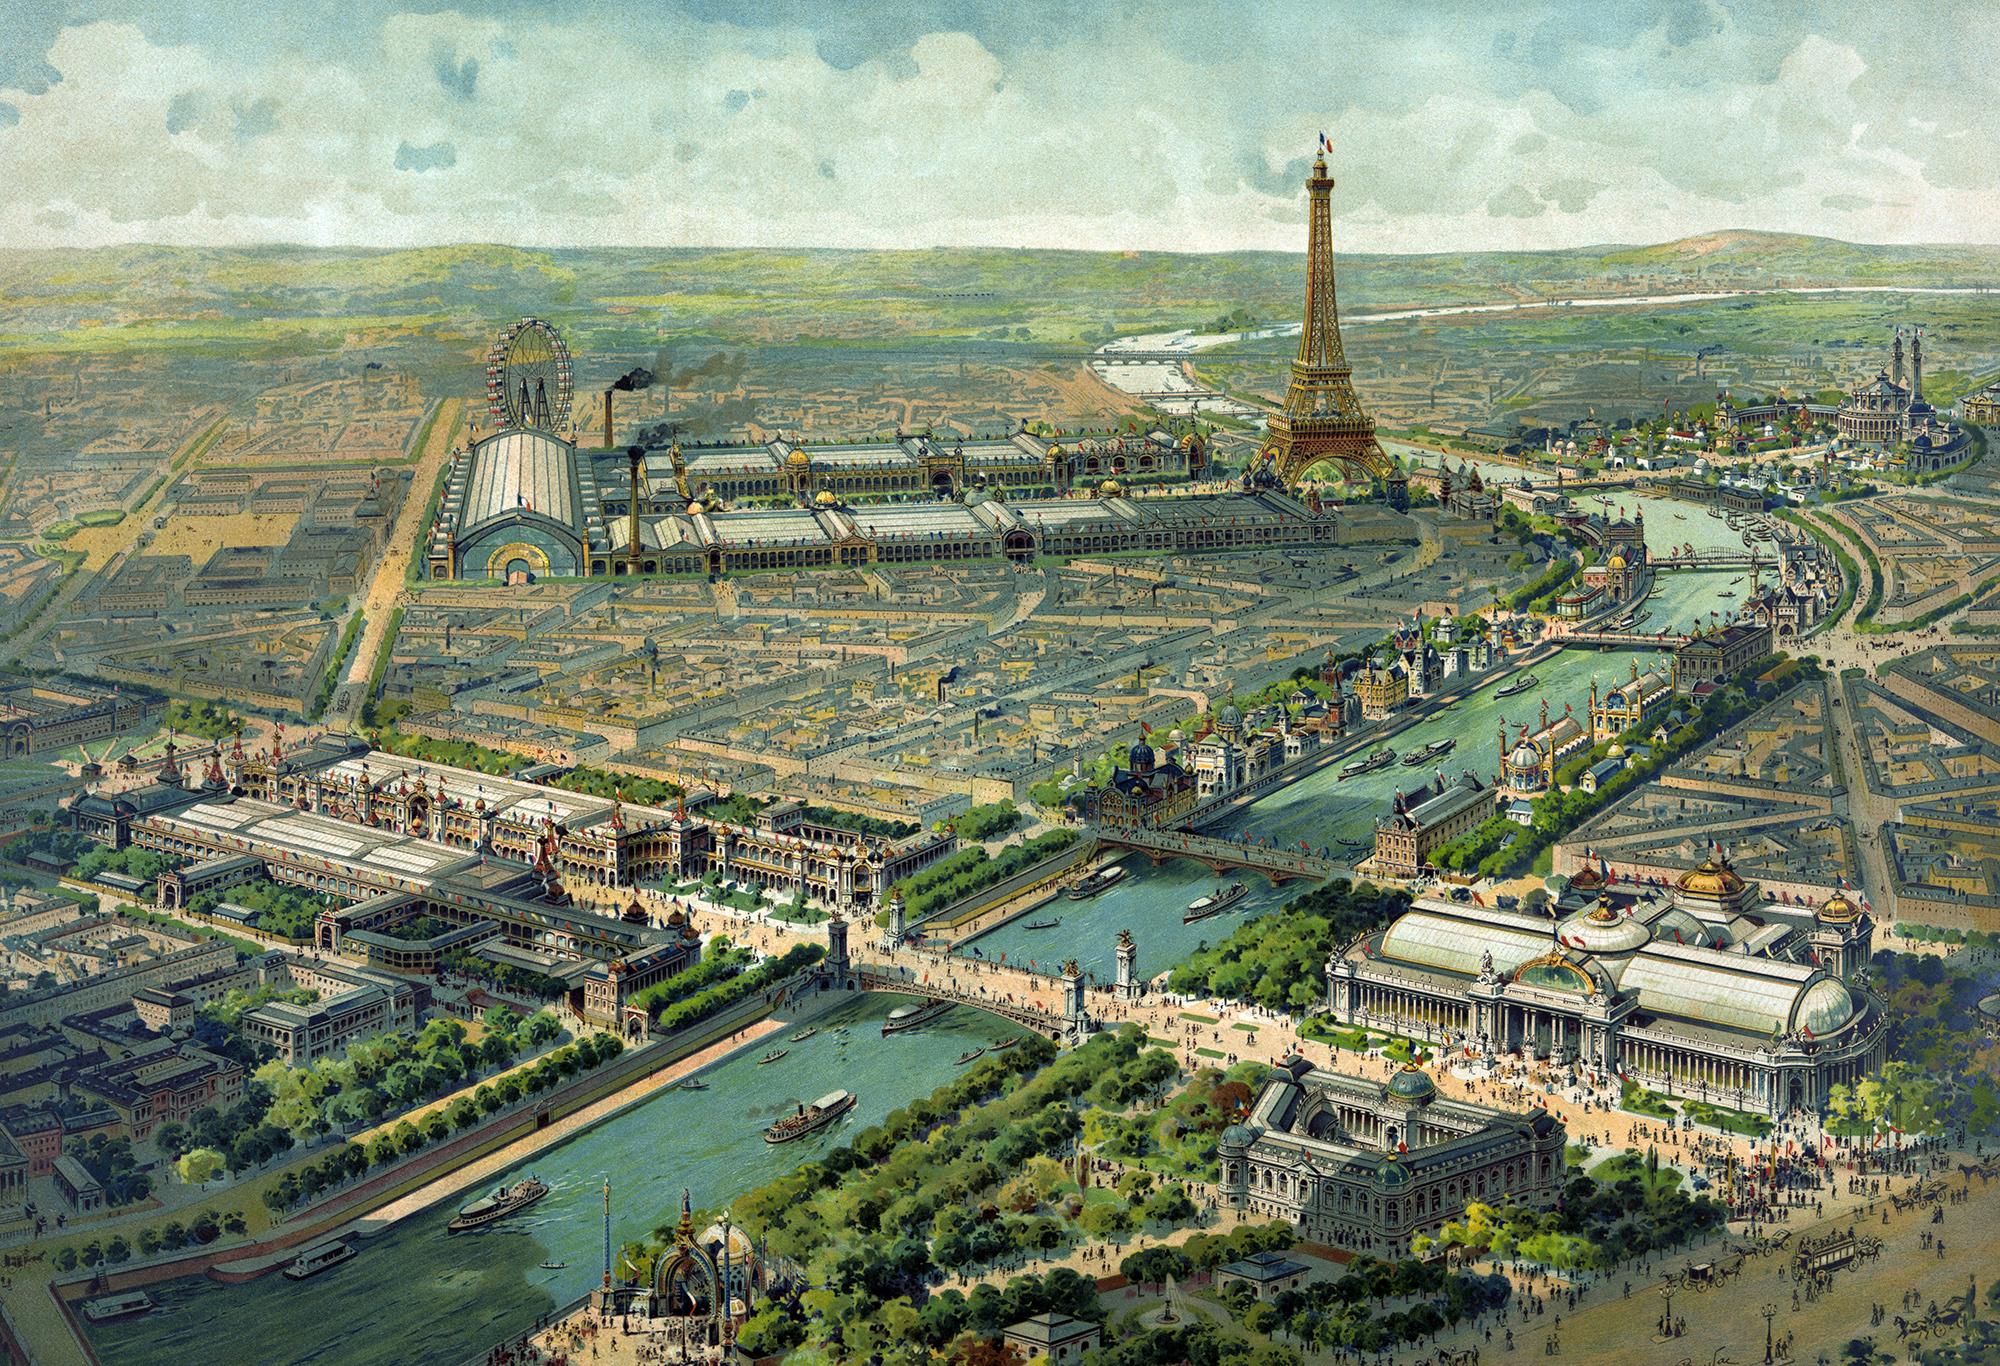 Vue_panoramique_de_l'exposition_universelle_de_1900